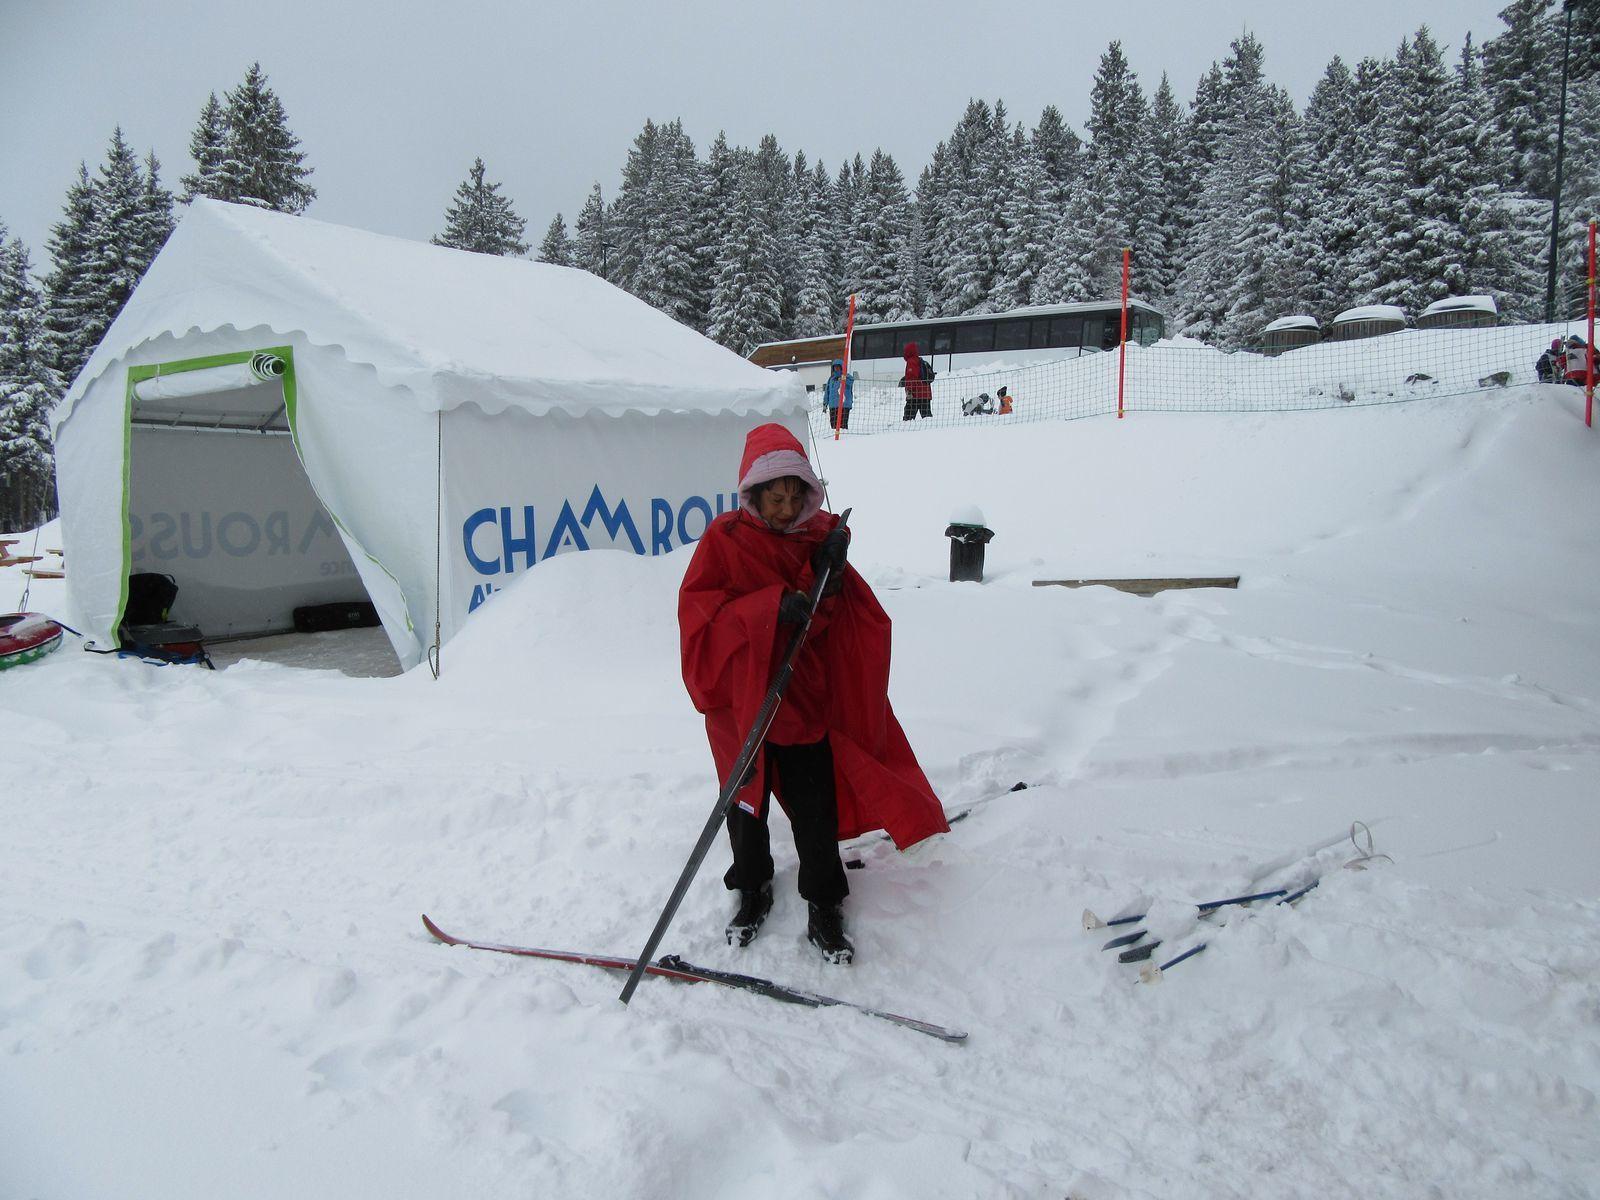 Les fondeurs ont pu brasser de la neige et faire leur piste.